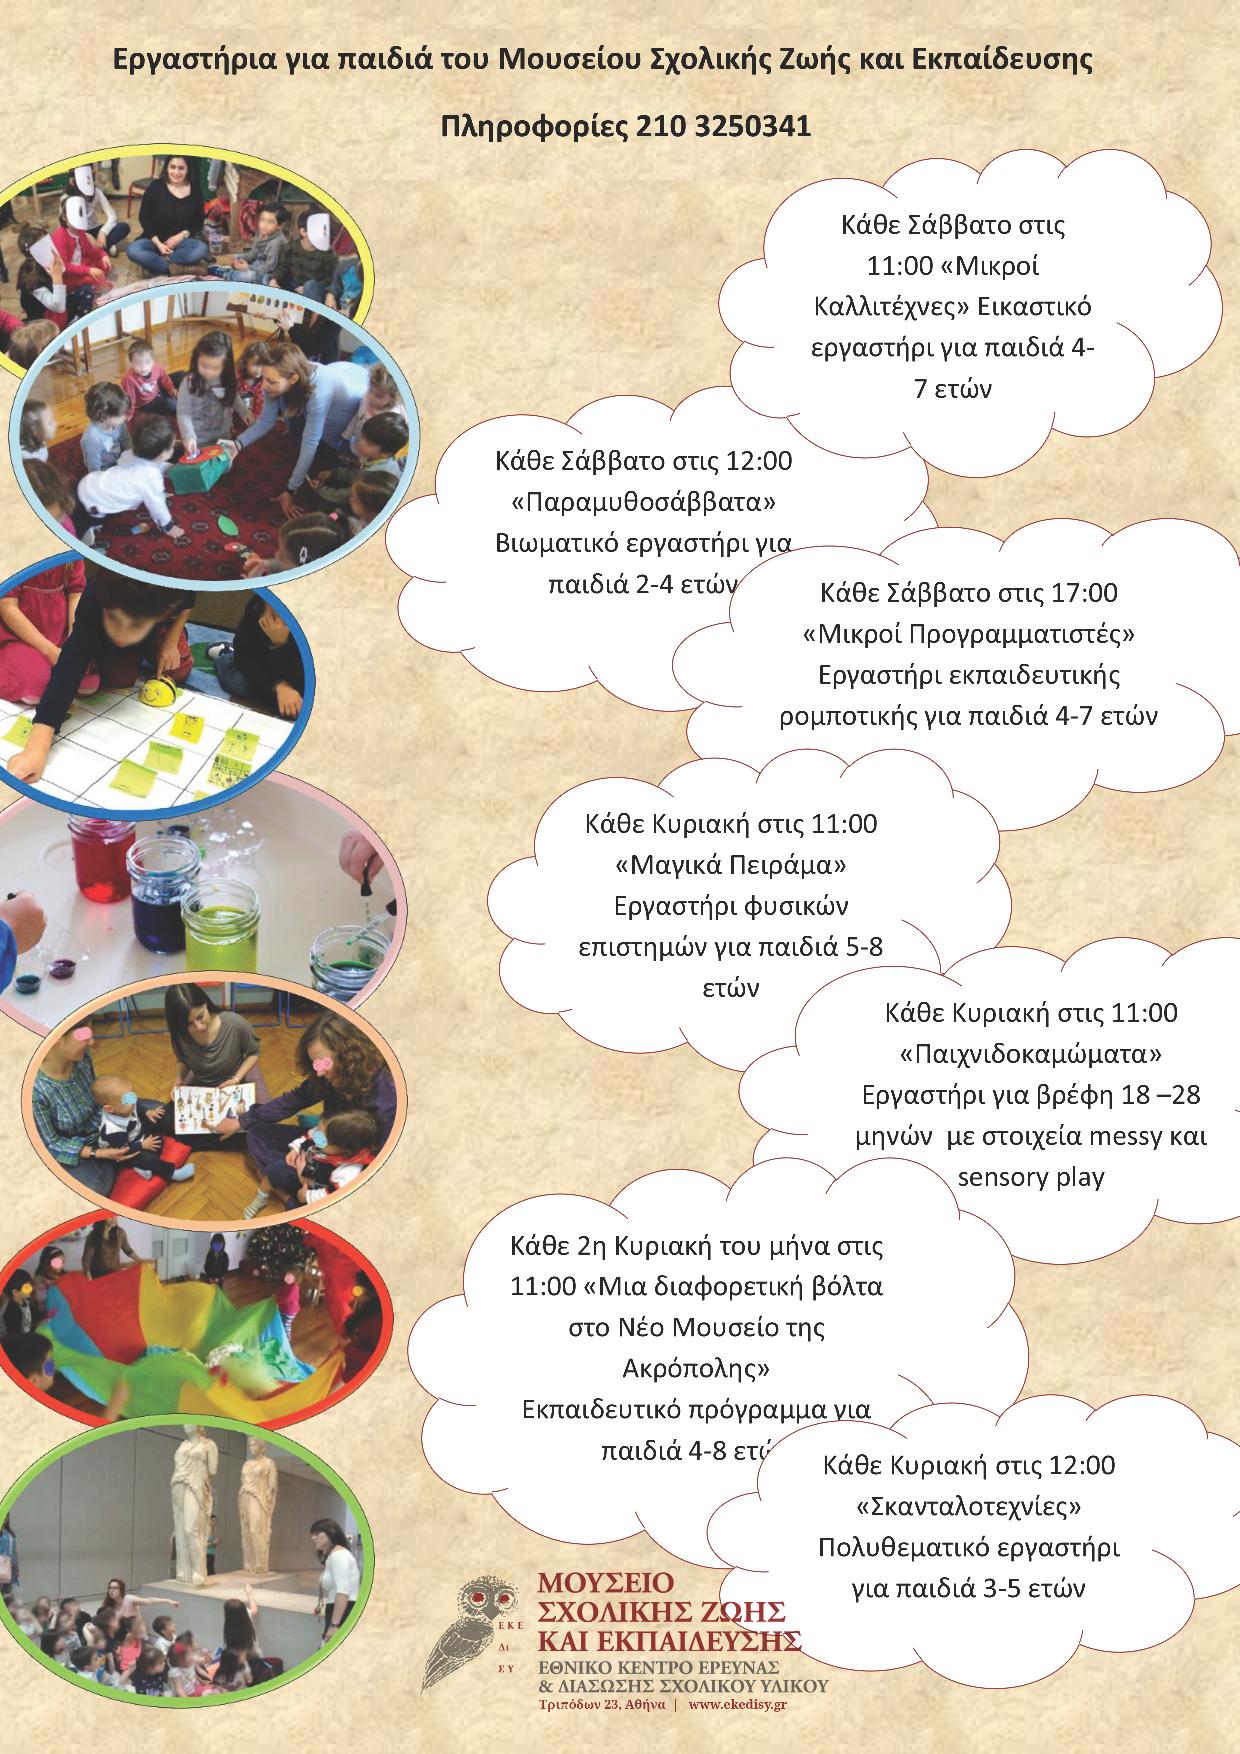 Εργαστήρια για παιδιά στο Μουσείο Σχολικής Ζωής και Εκπαίδευσης 8afdaffe9f6